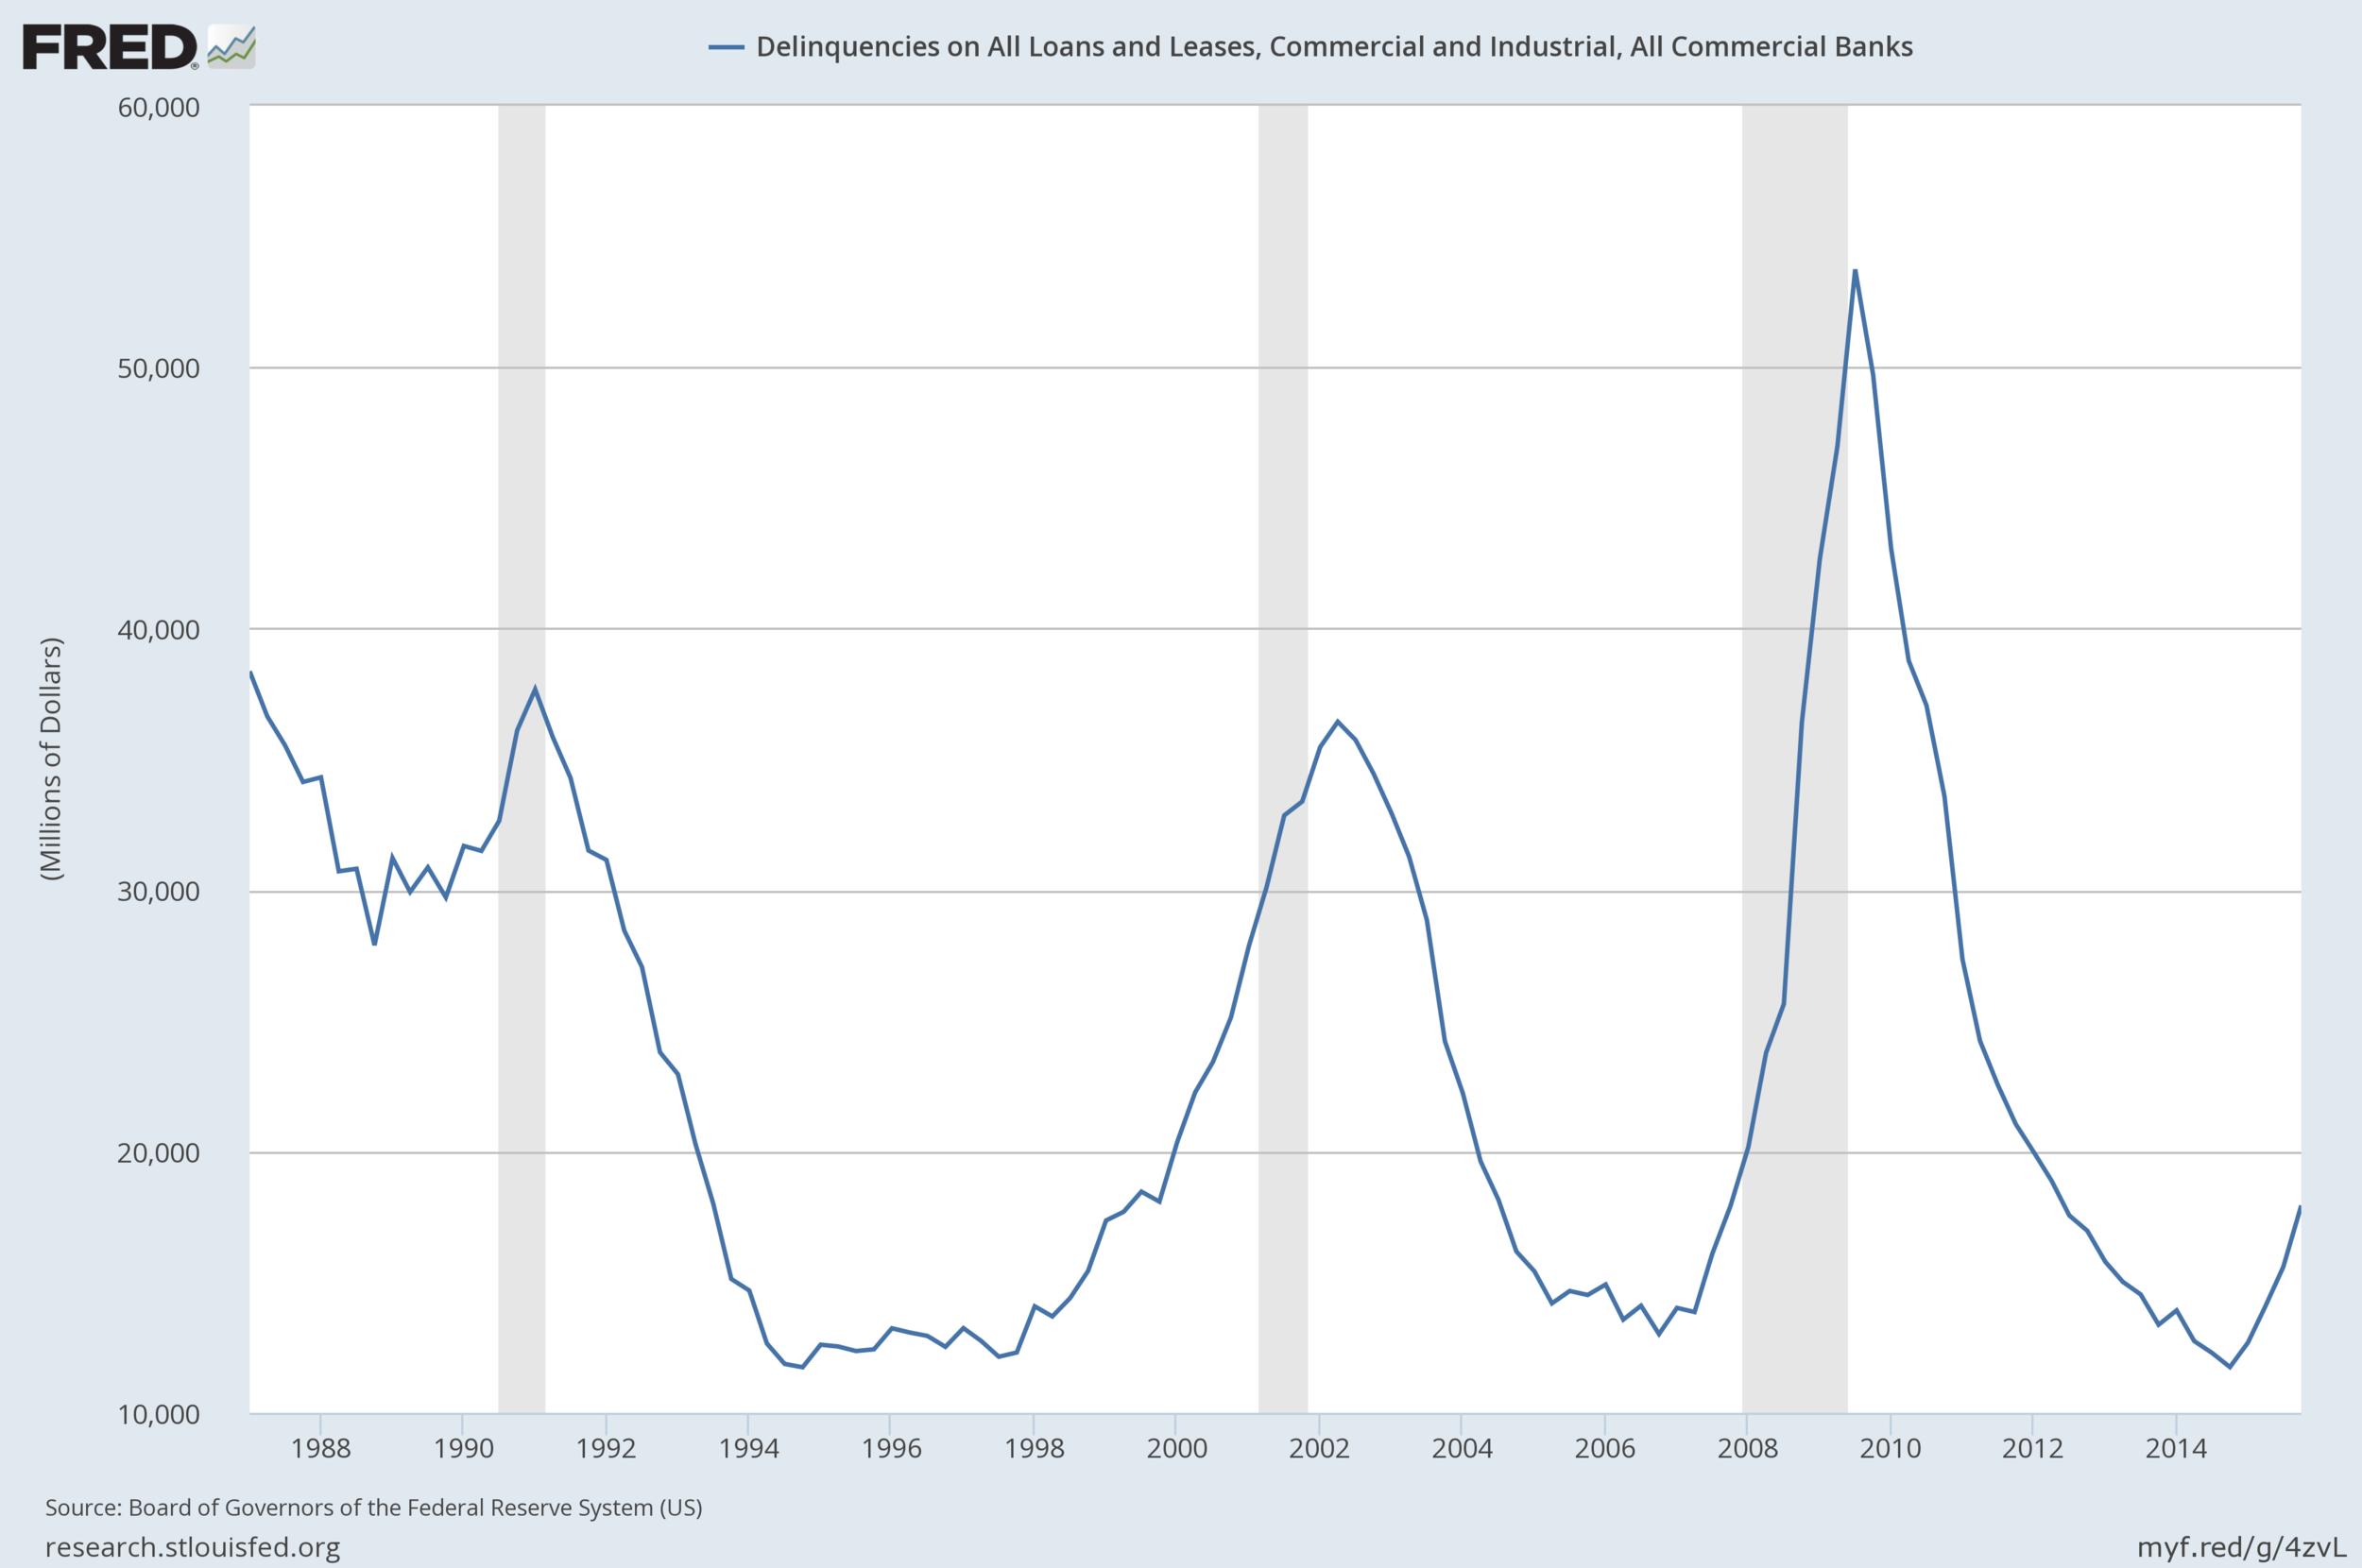 Morosidad de todos los préstamos y arrendamientos industriales y comerciales